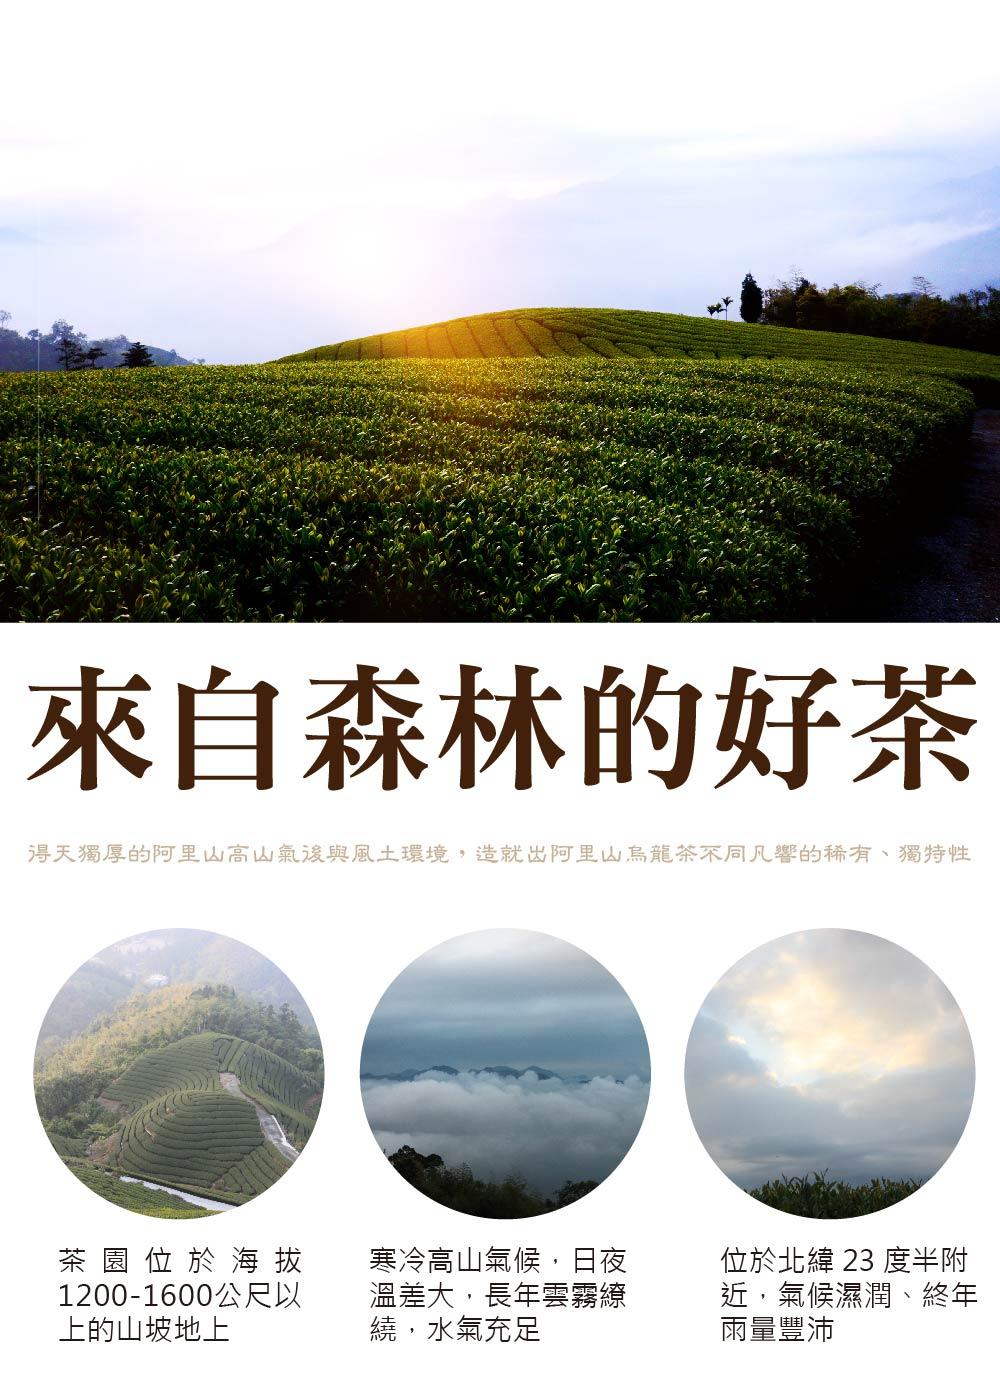 阿里山茶園得天獨厚的阿里山高山氣後與風土環境,造就出好喝的阿里山金萱茶